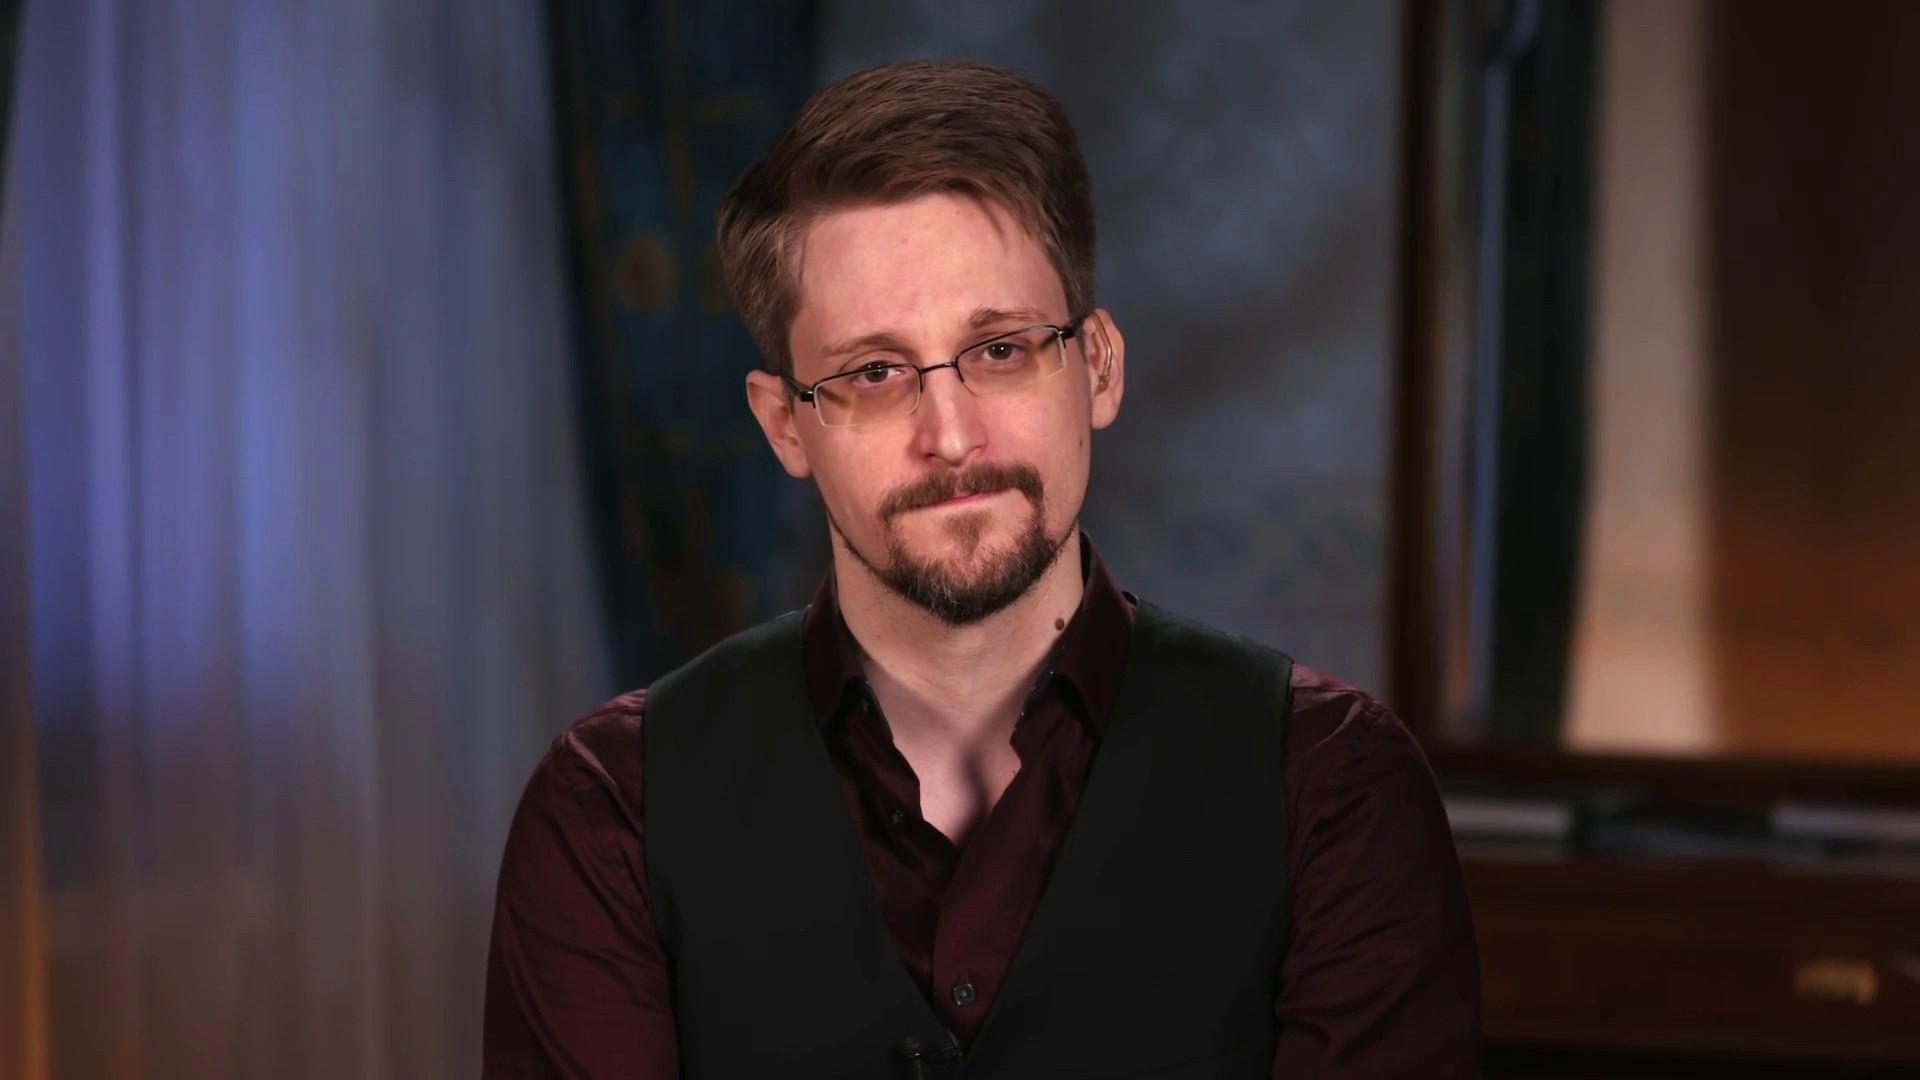 Bộ Tư pháp Mỹ kiện Edward Snowden Ảnh 1